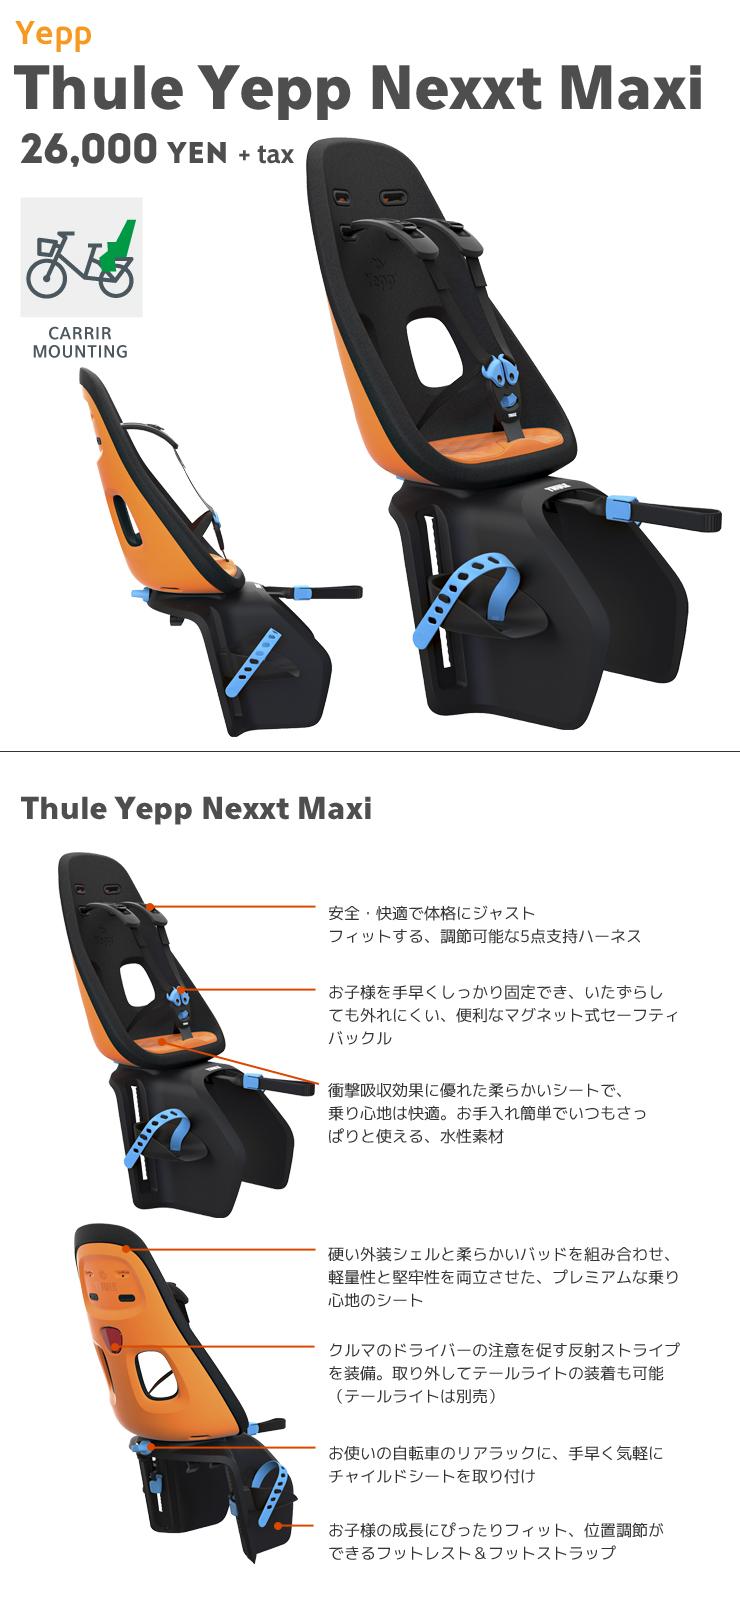 Thule Yepp Nexxt Maxi